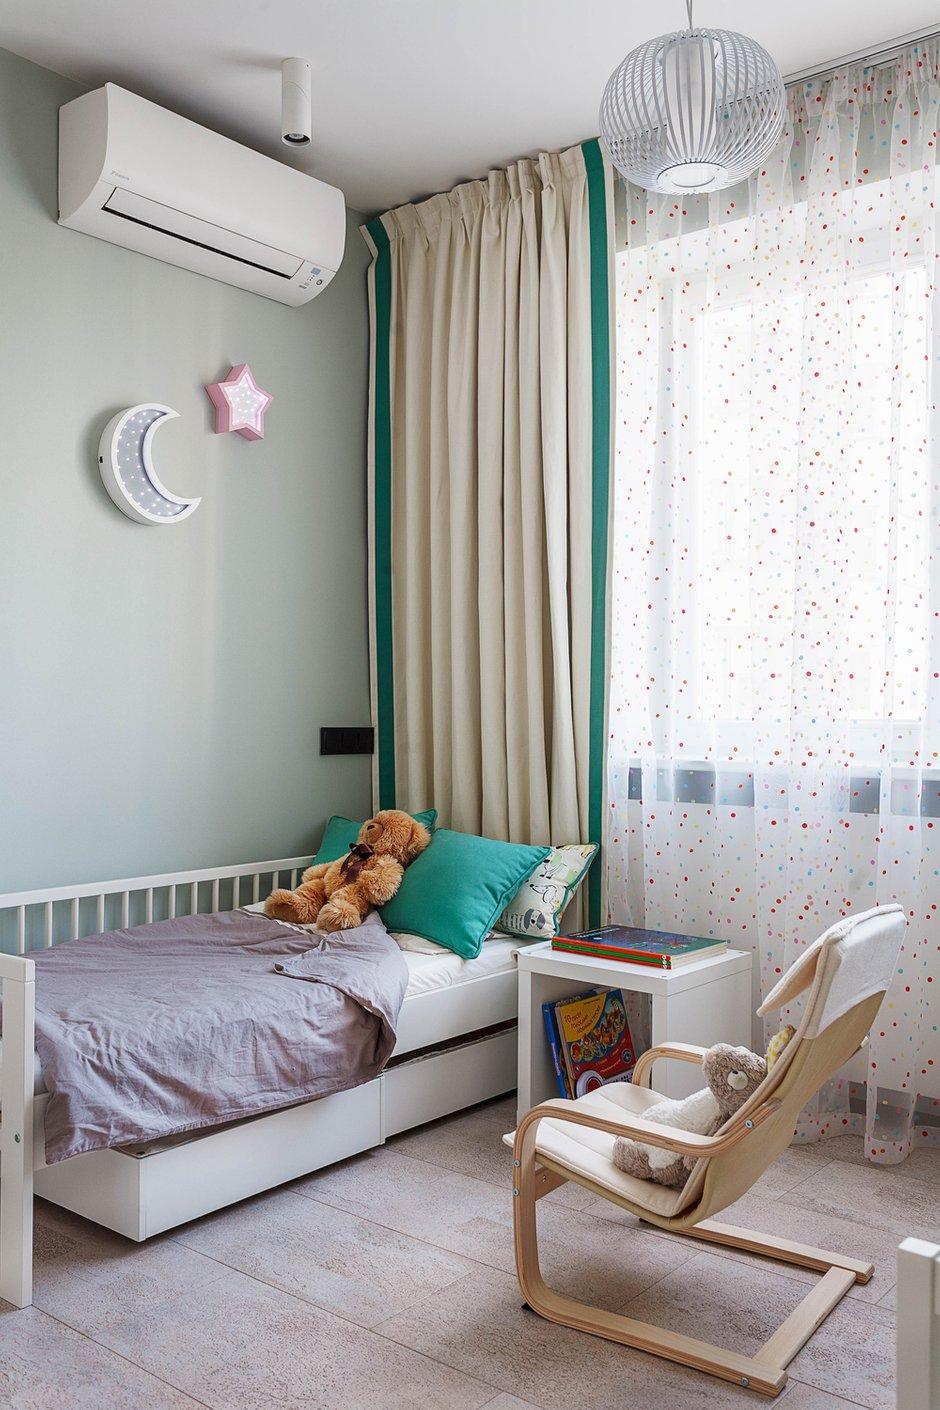 Фотография: Детская в стиле Современный, Квартира, Проект недели, Москва, ИКЕА, Мила Титова, П44т – фото на INMYROOM